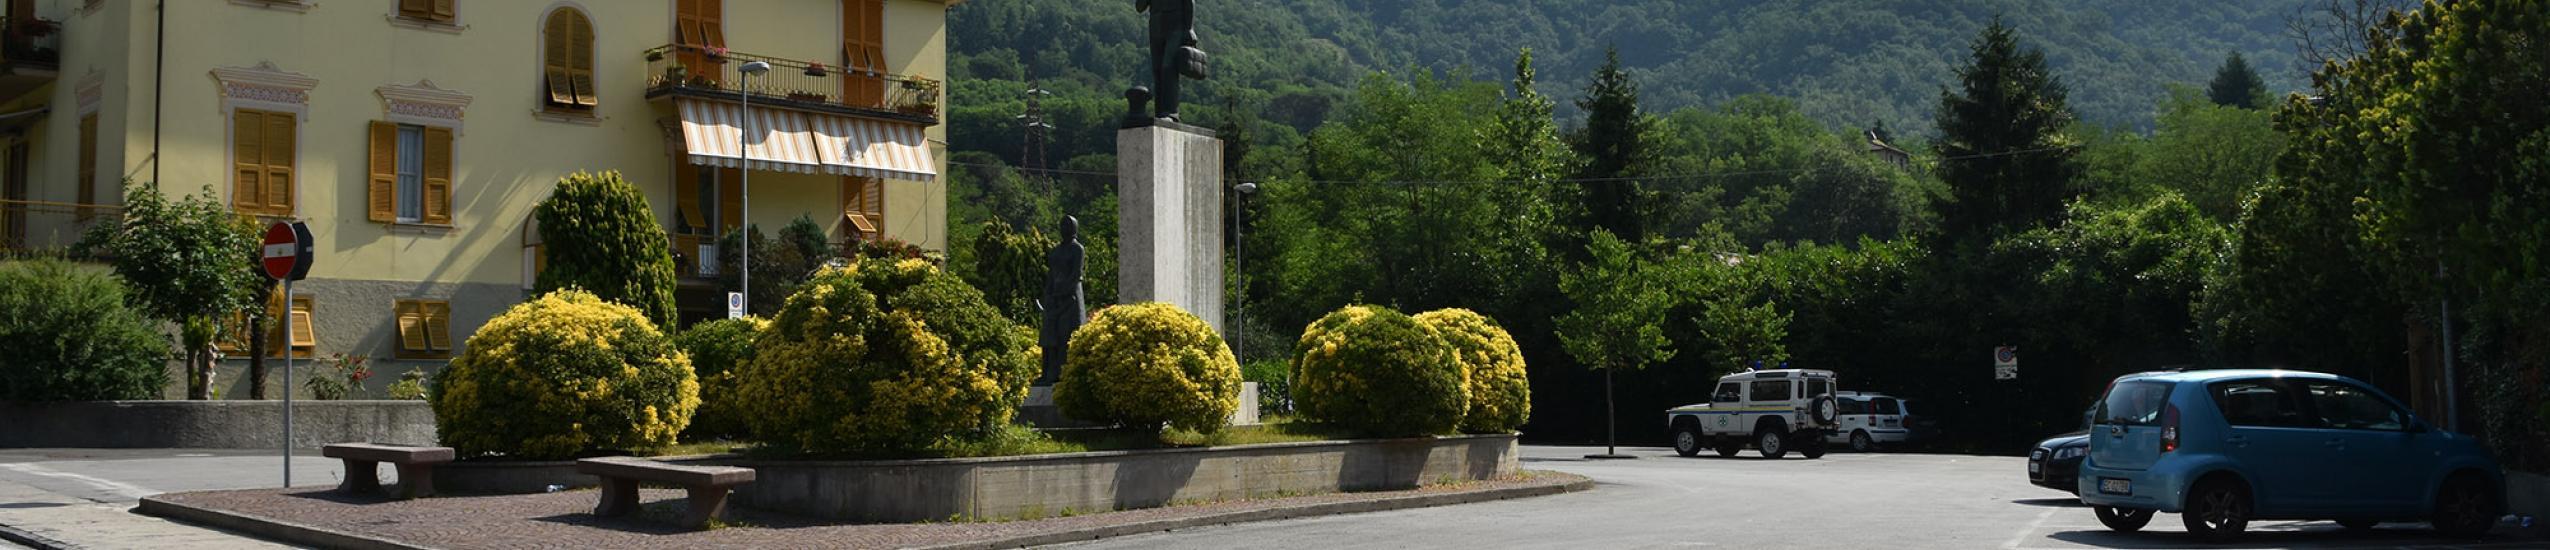 Il parcheggio visto dalla strada